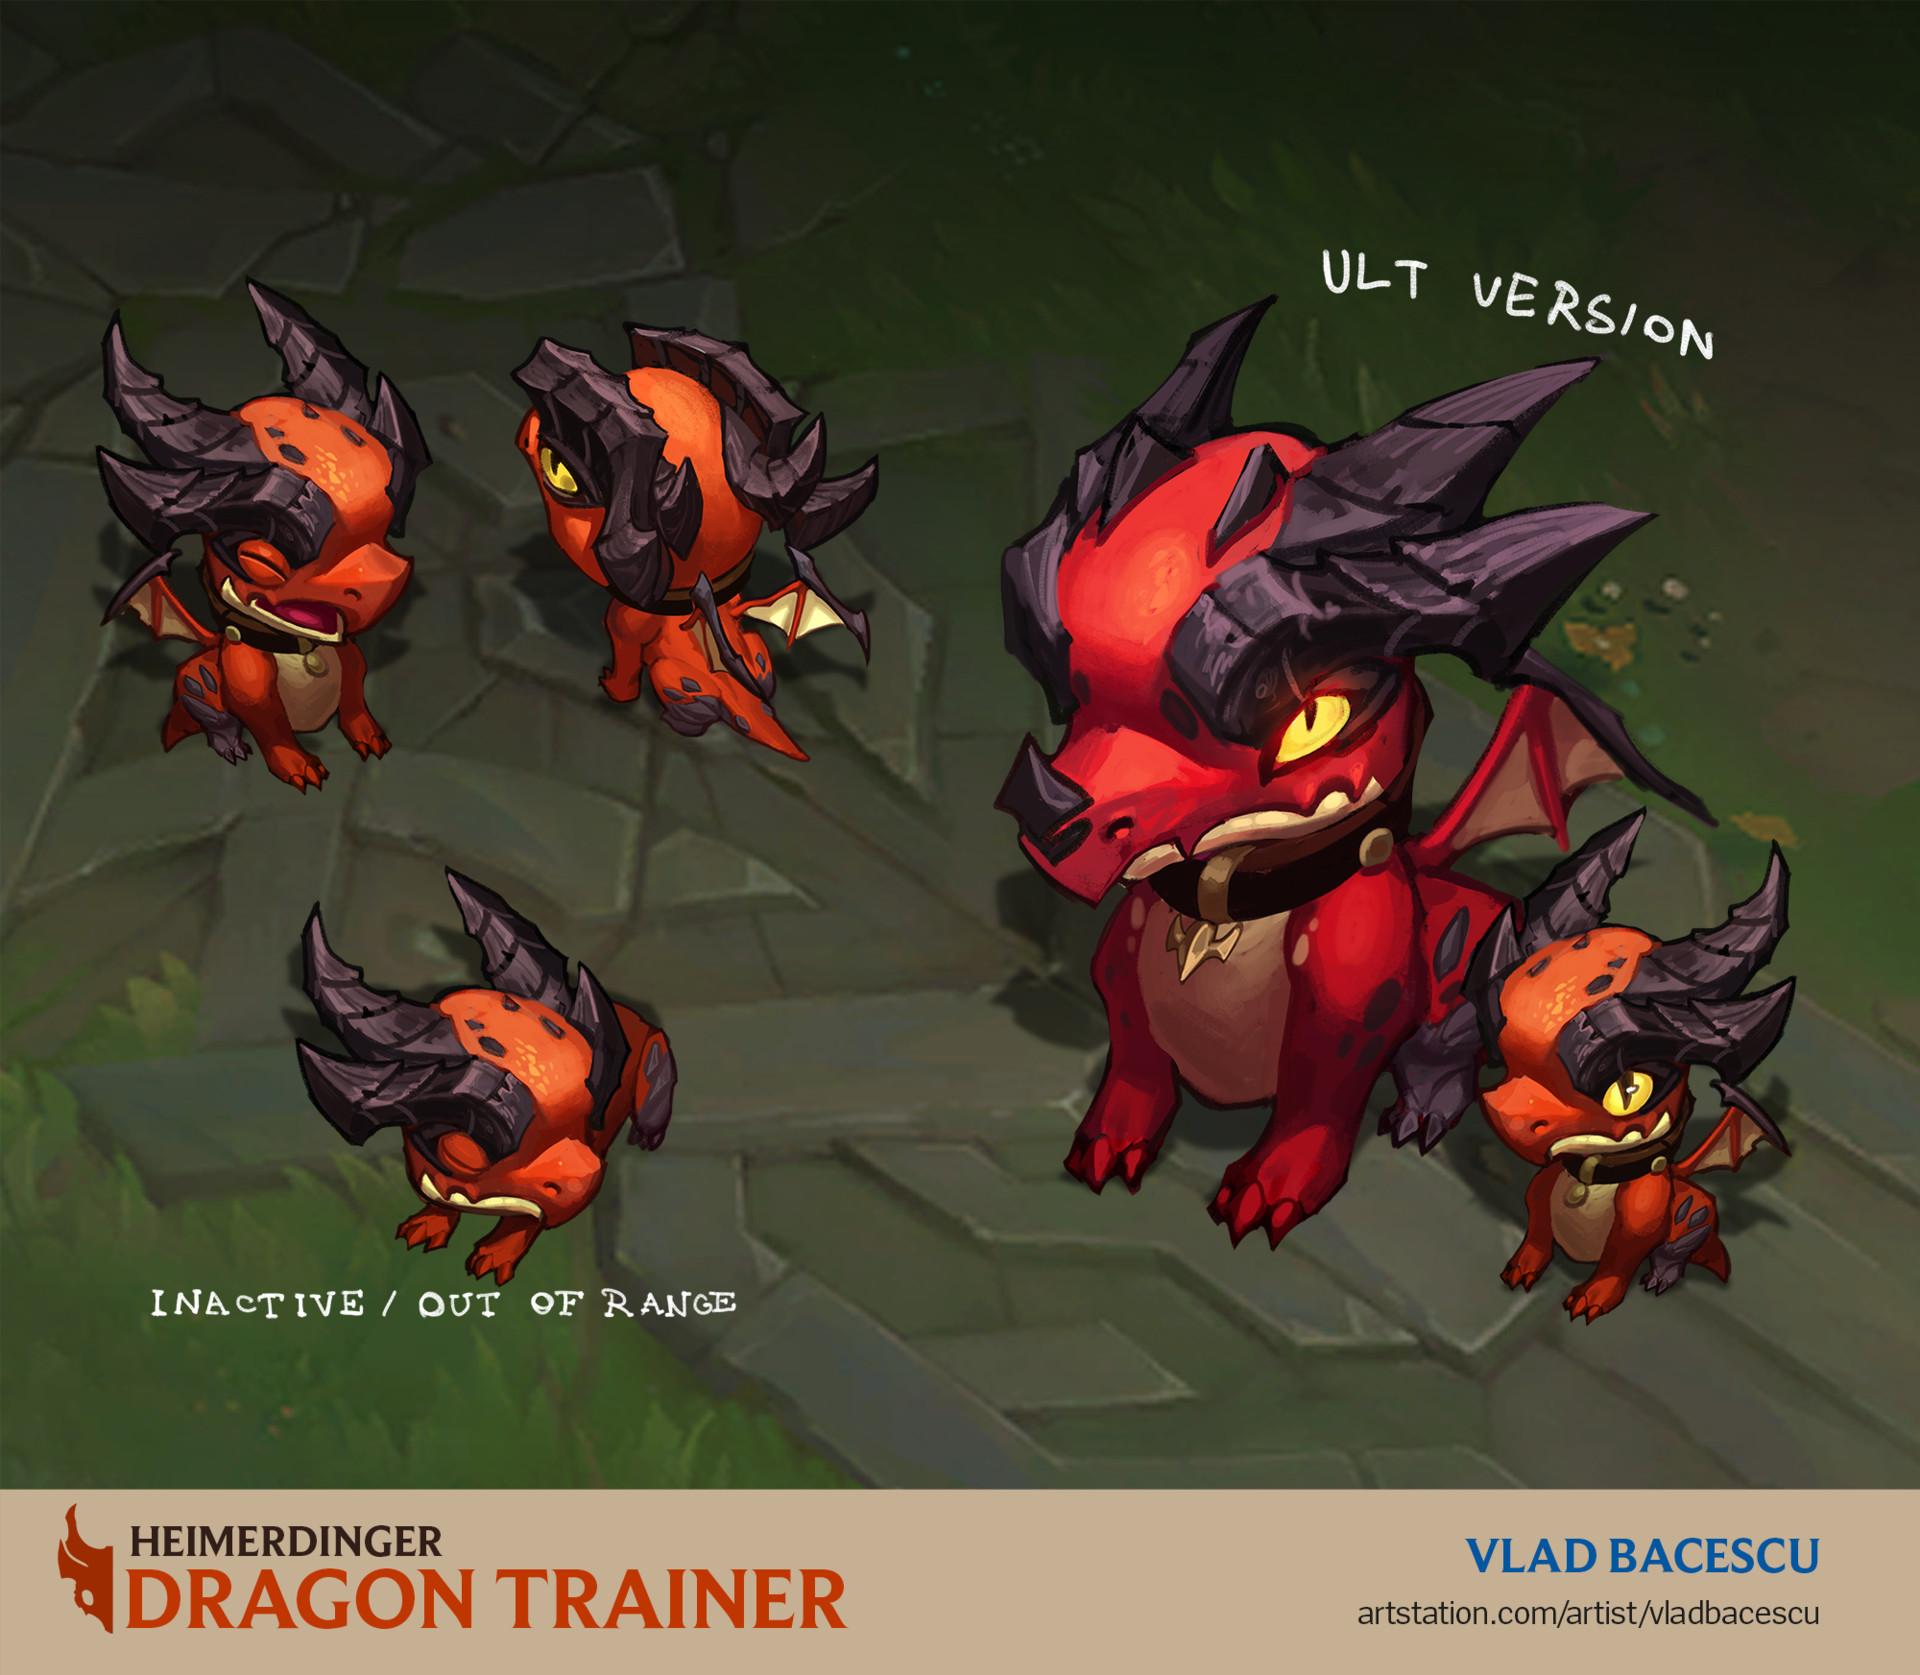 Resultado de imagem para dragon trainer heimerdinger